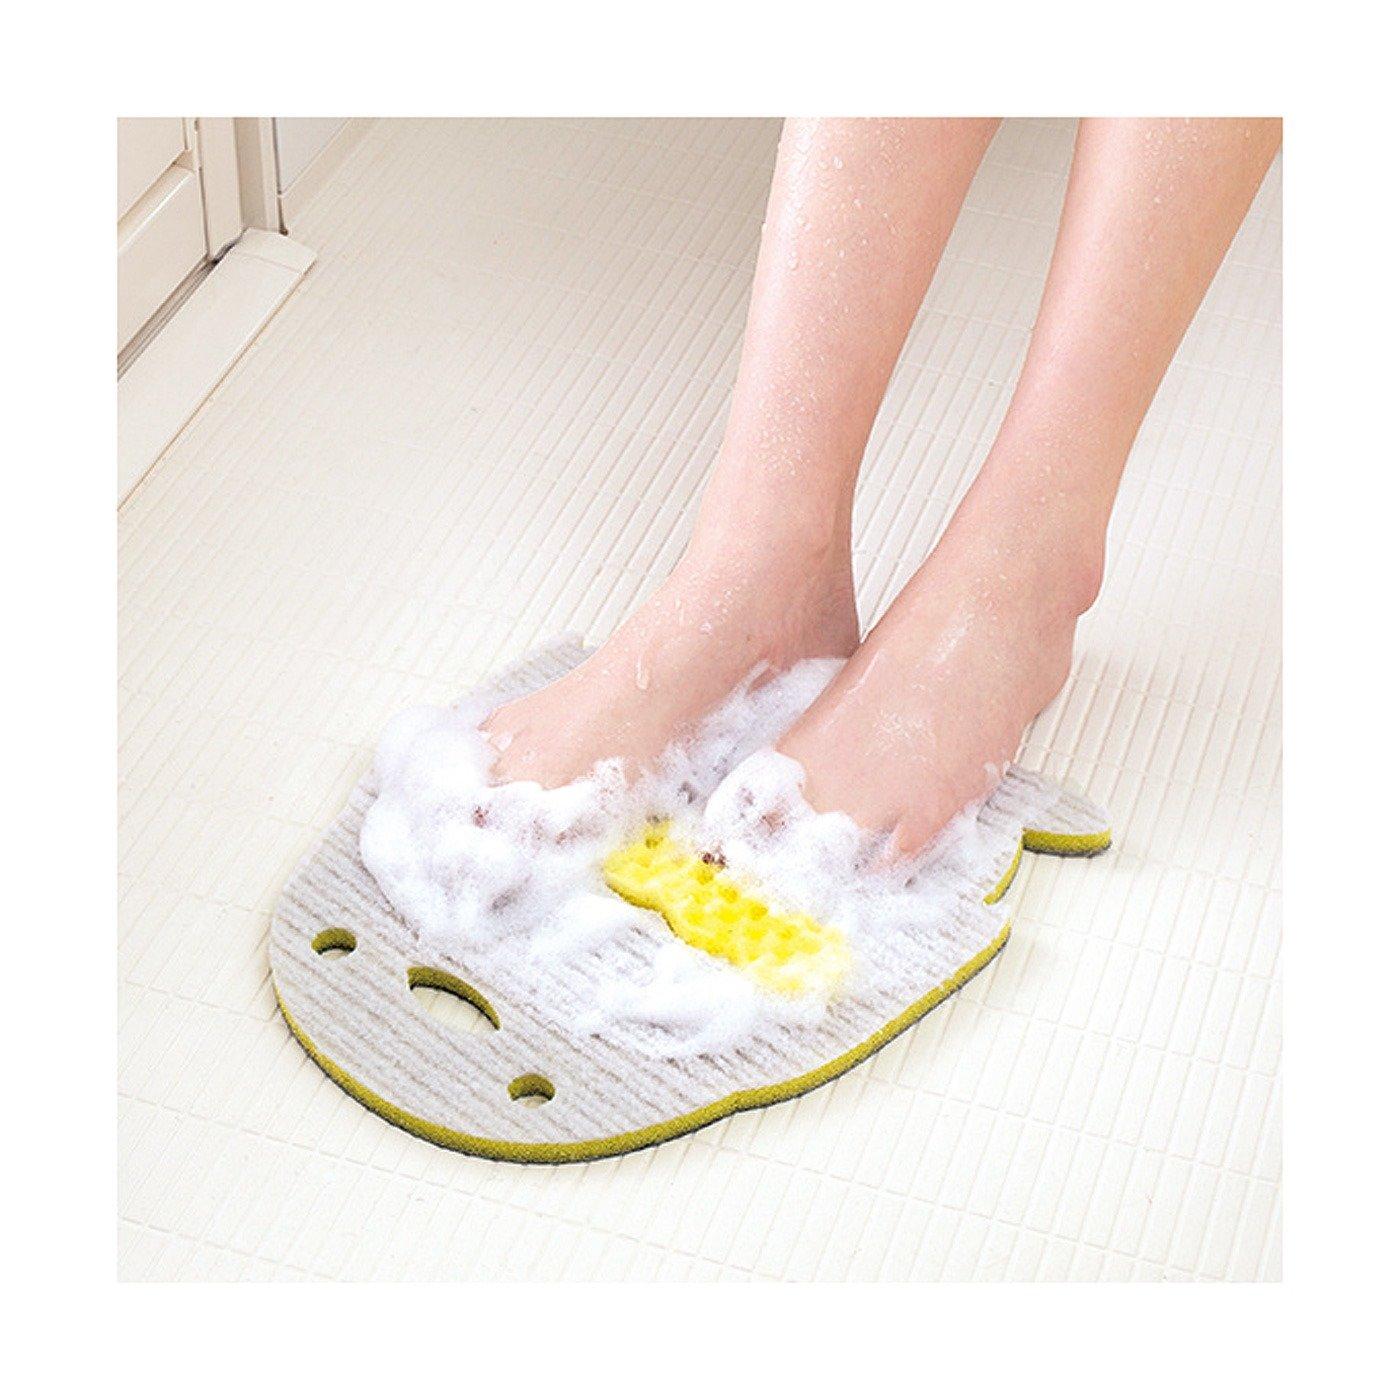 特殊繊維ですべすべに 足裏すっきり泡立ちマット